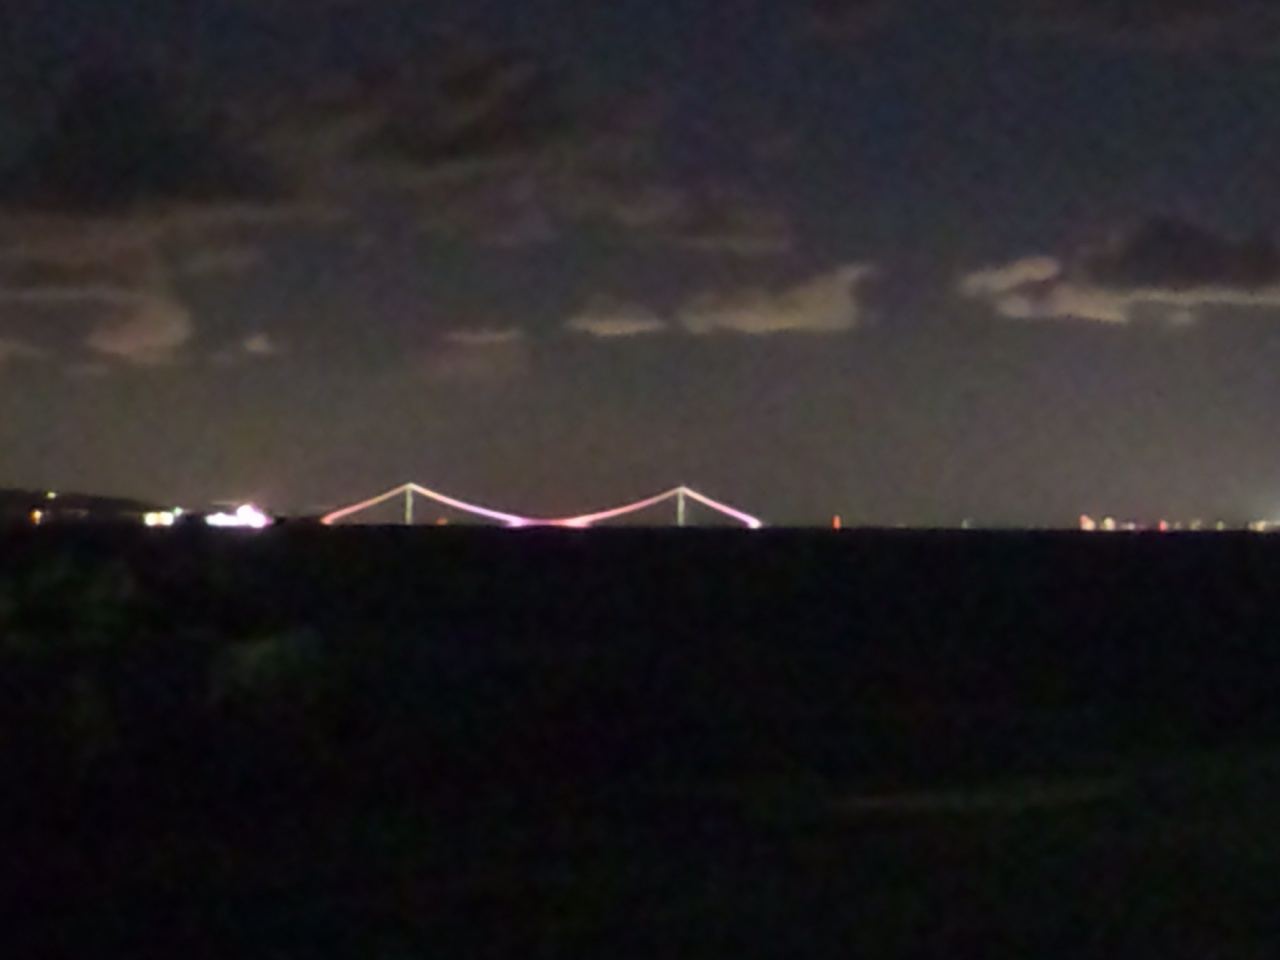 気温2度の大阪湾 今夜は空気が澄み、風景がきれいだ